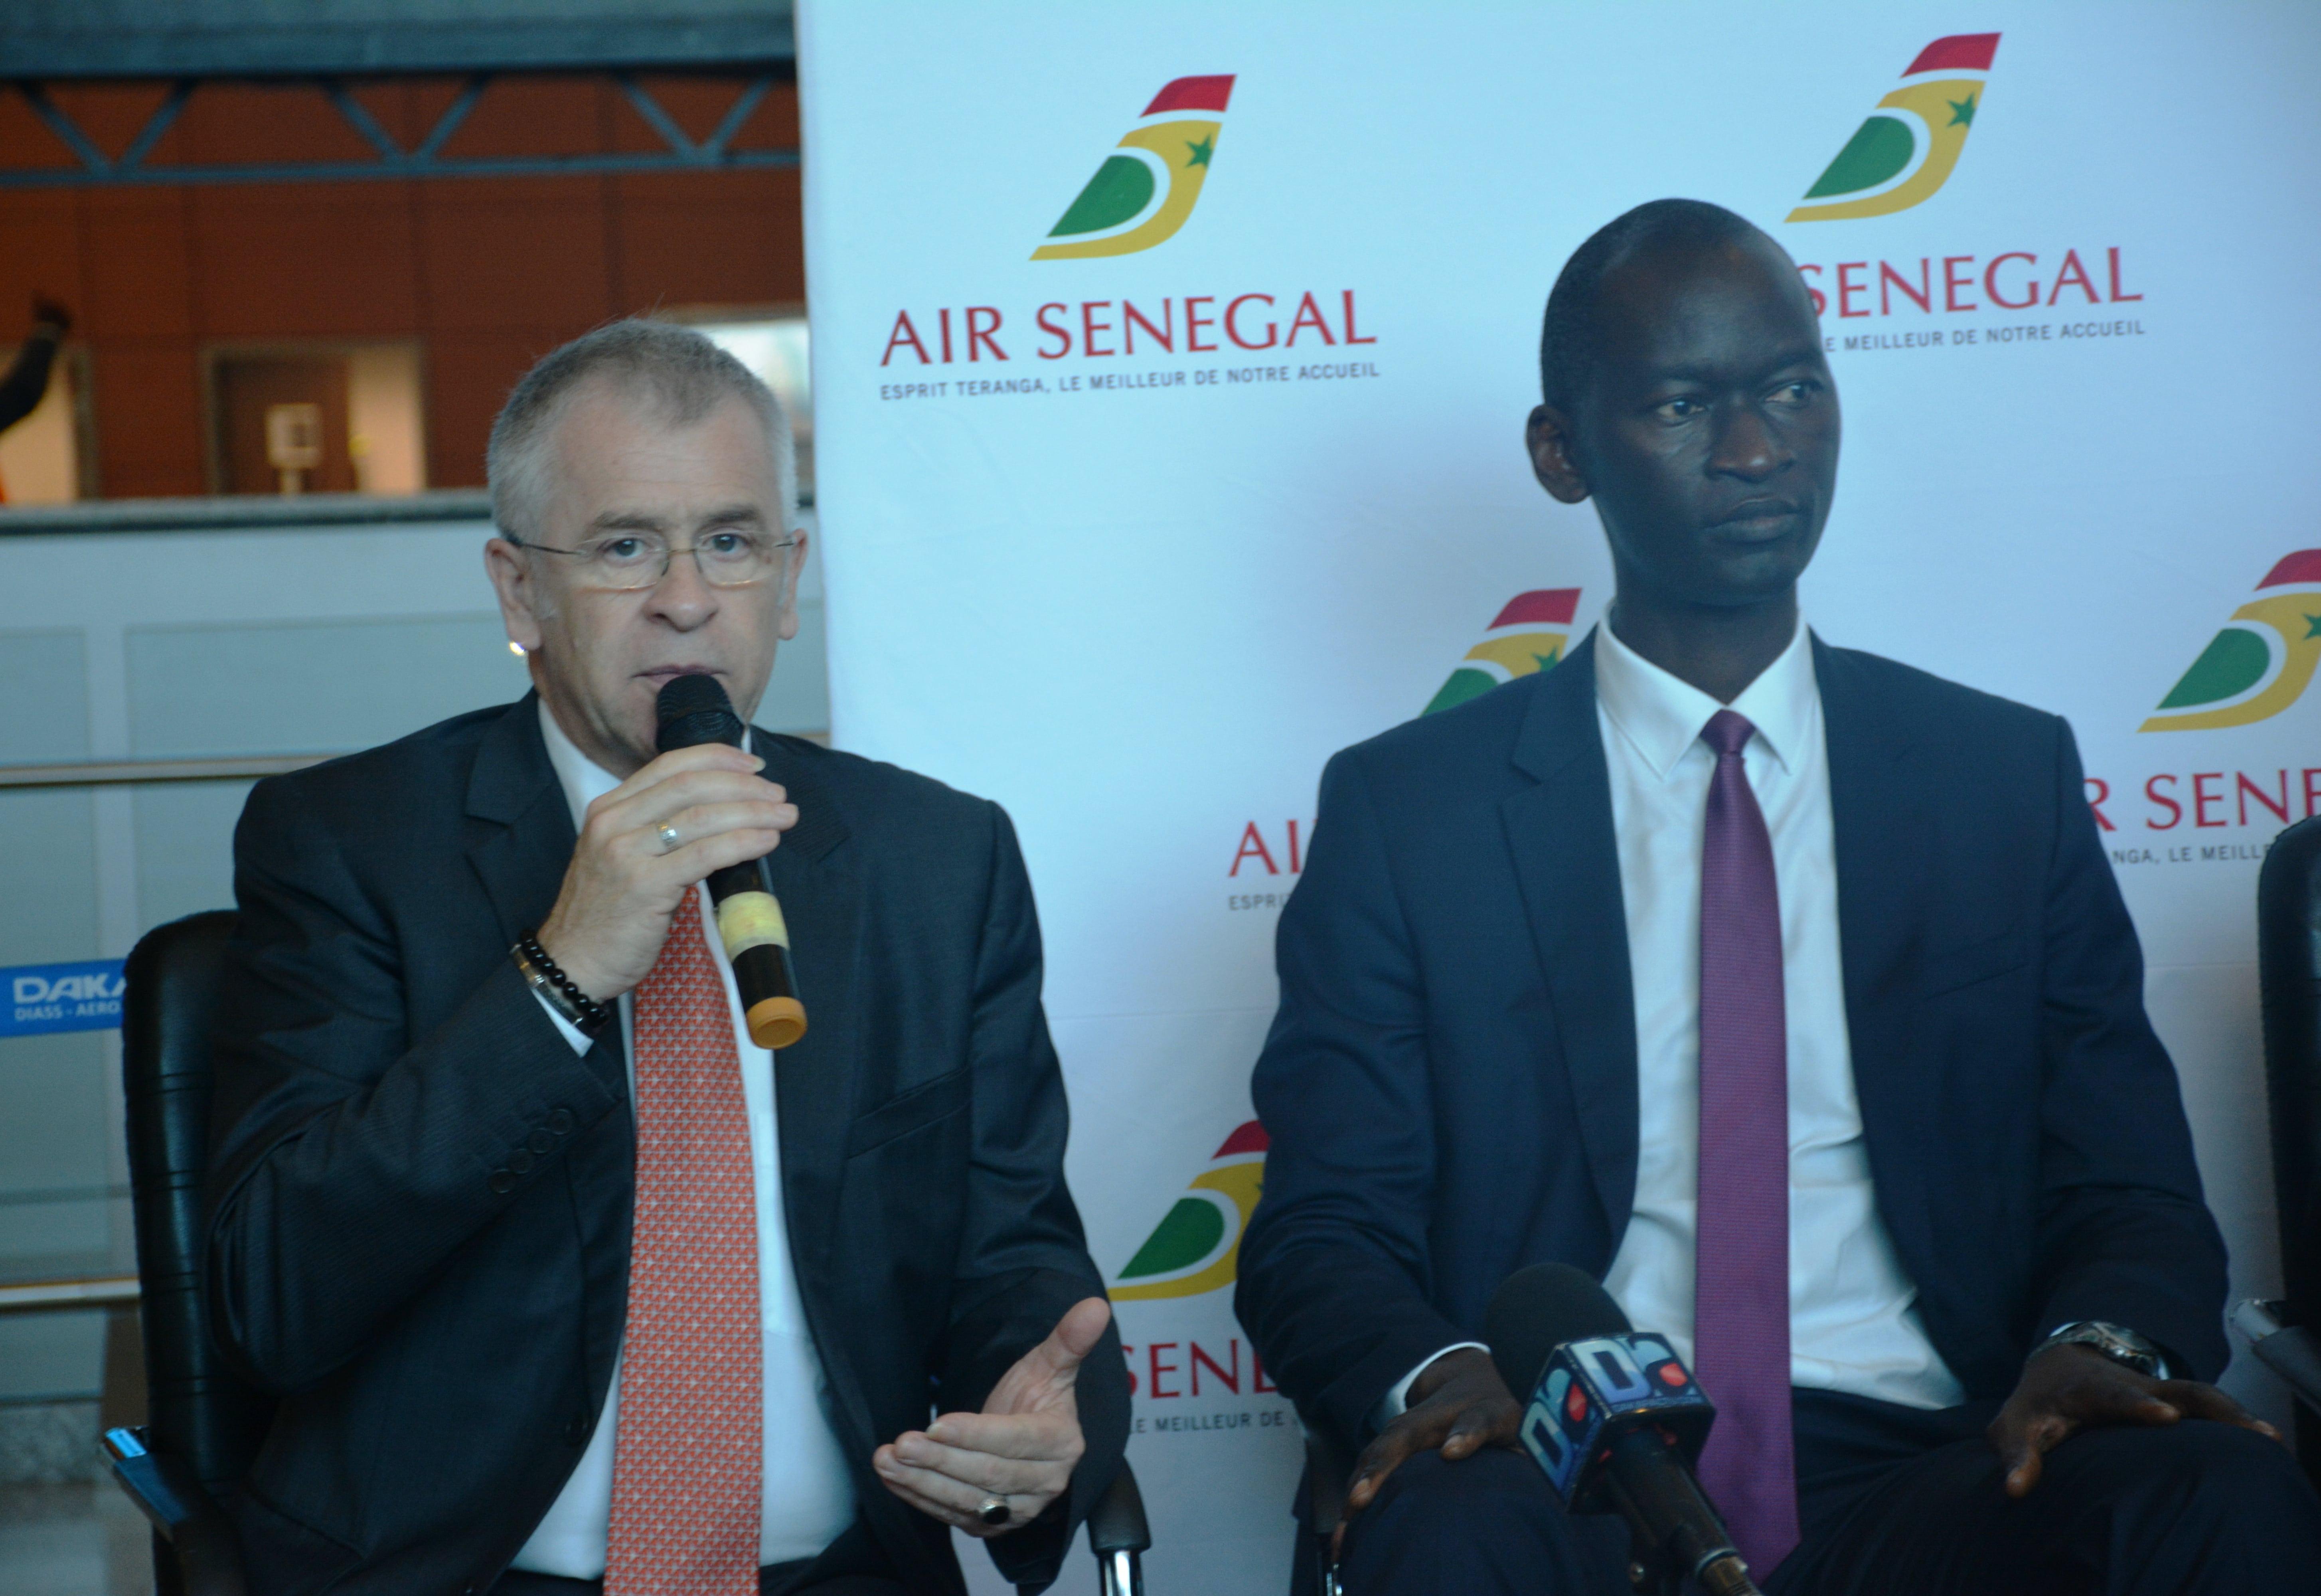 Le nouveau hub d'Air Sénégal à l'Aibd lancé ce 27 octobre